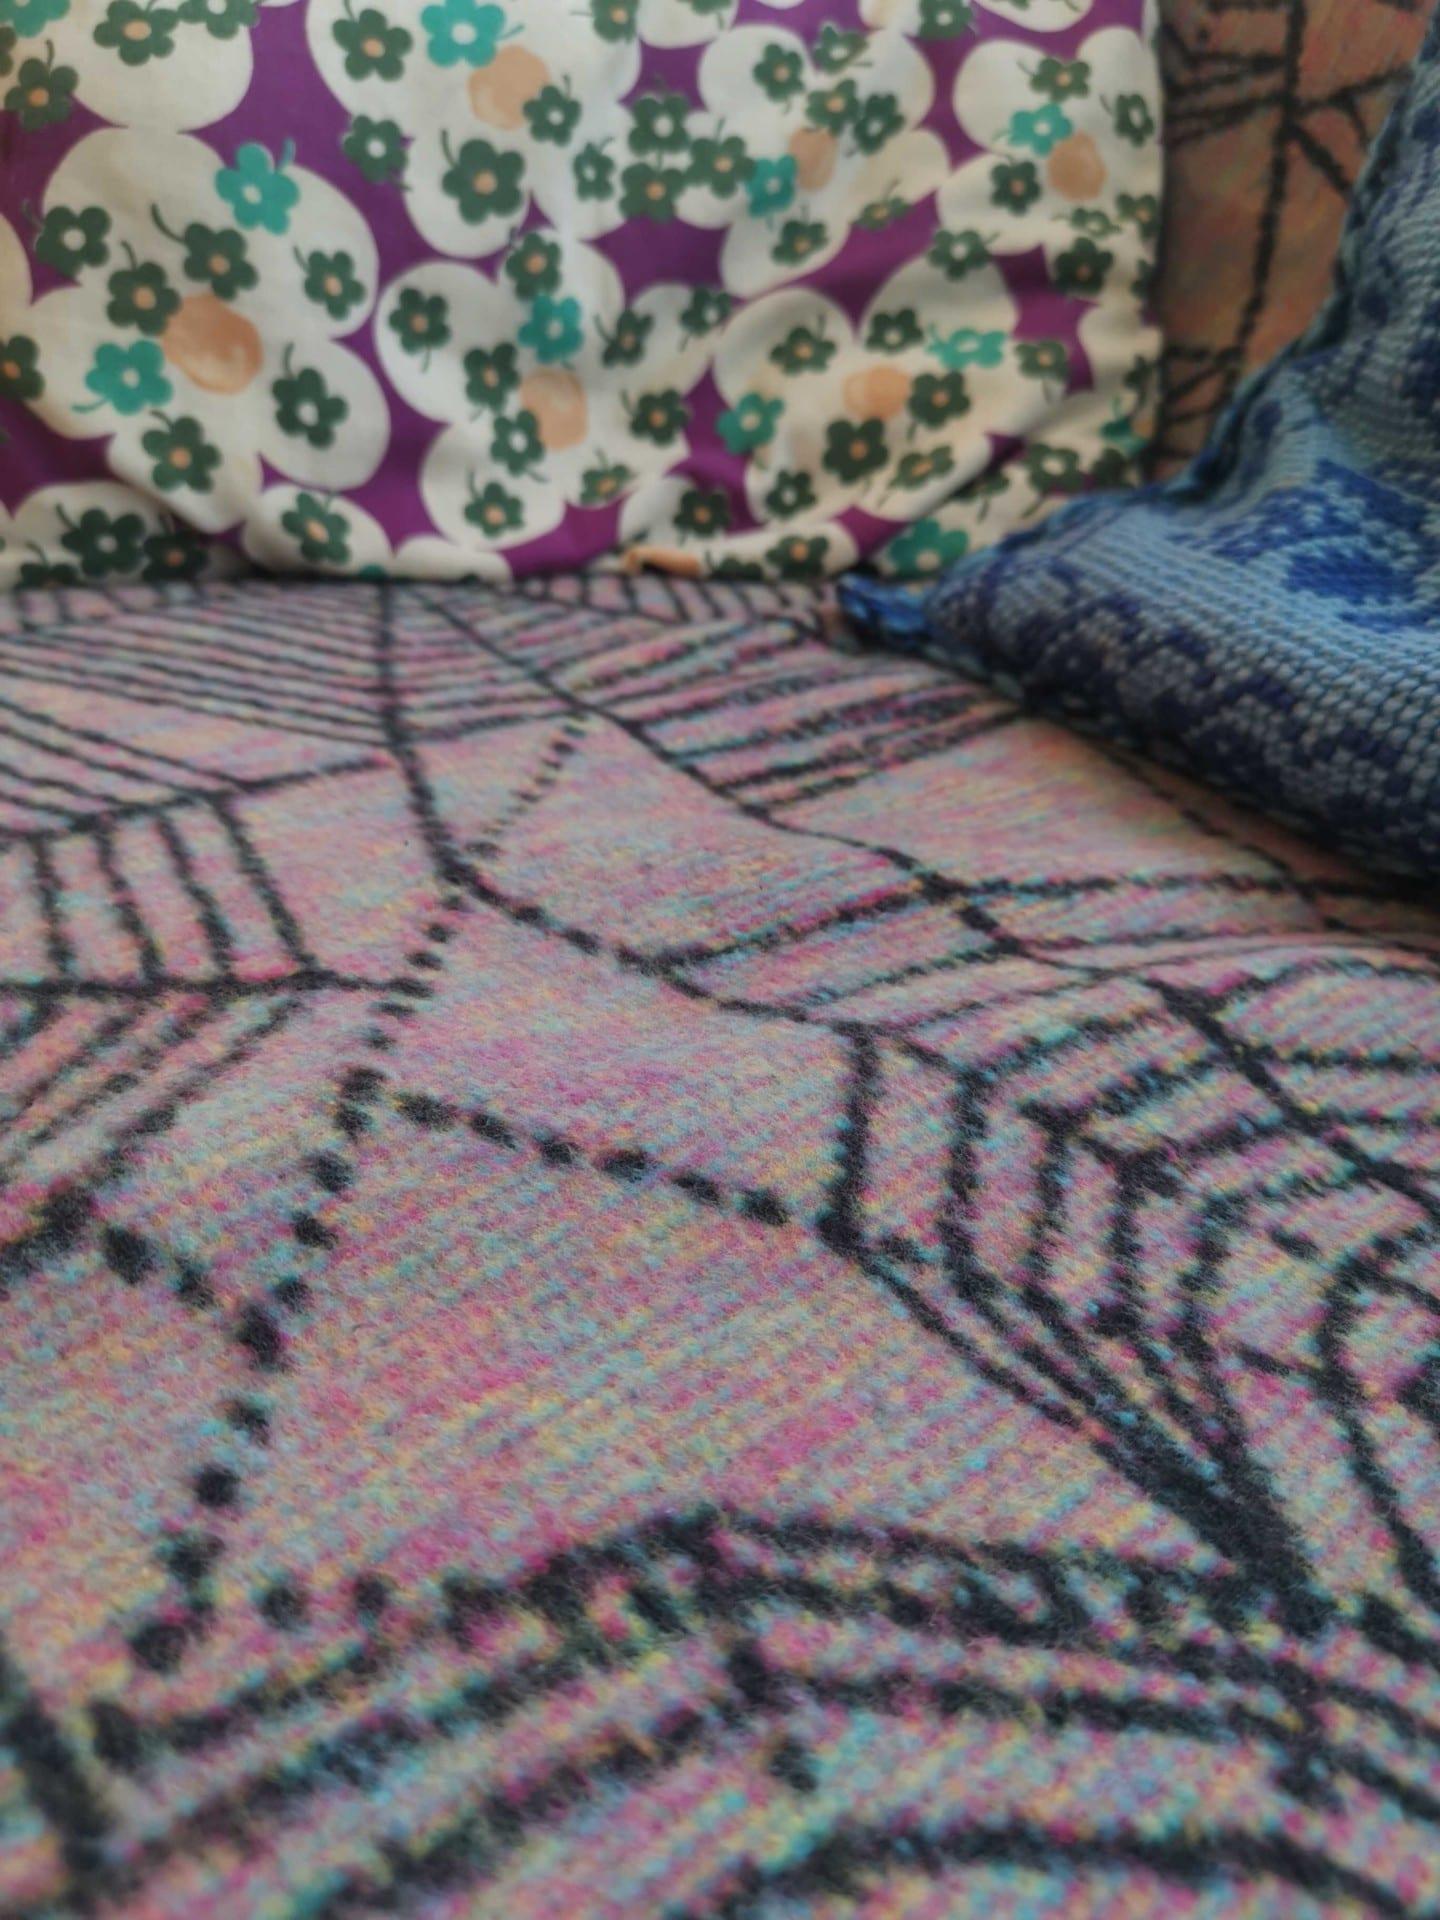 CMYK Obsidian Gossamer Blanket